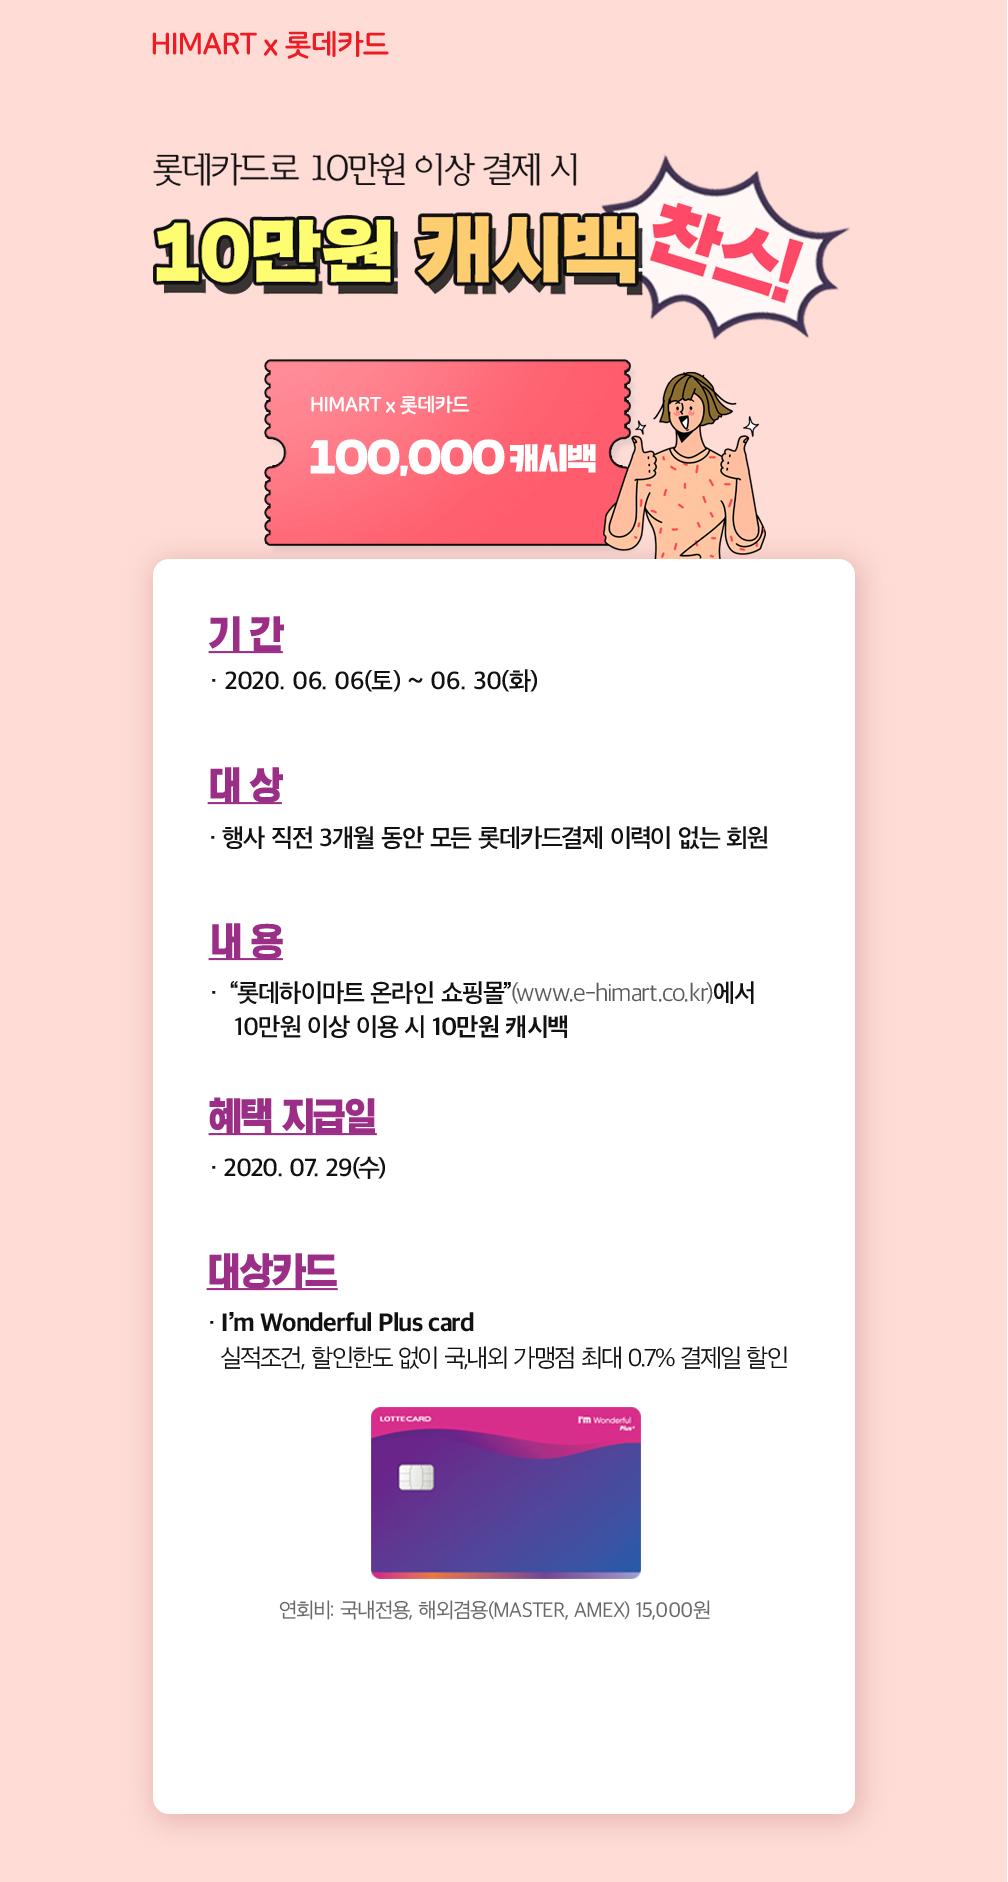 롯데카드로 10만원 이상 결제 시 캐시백 찬스!